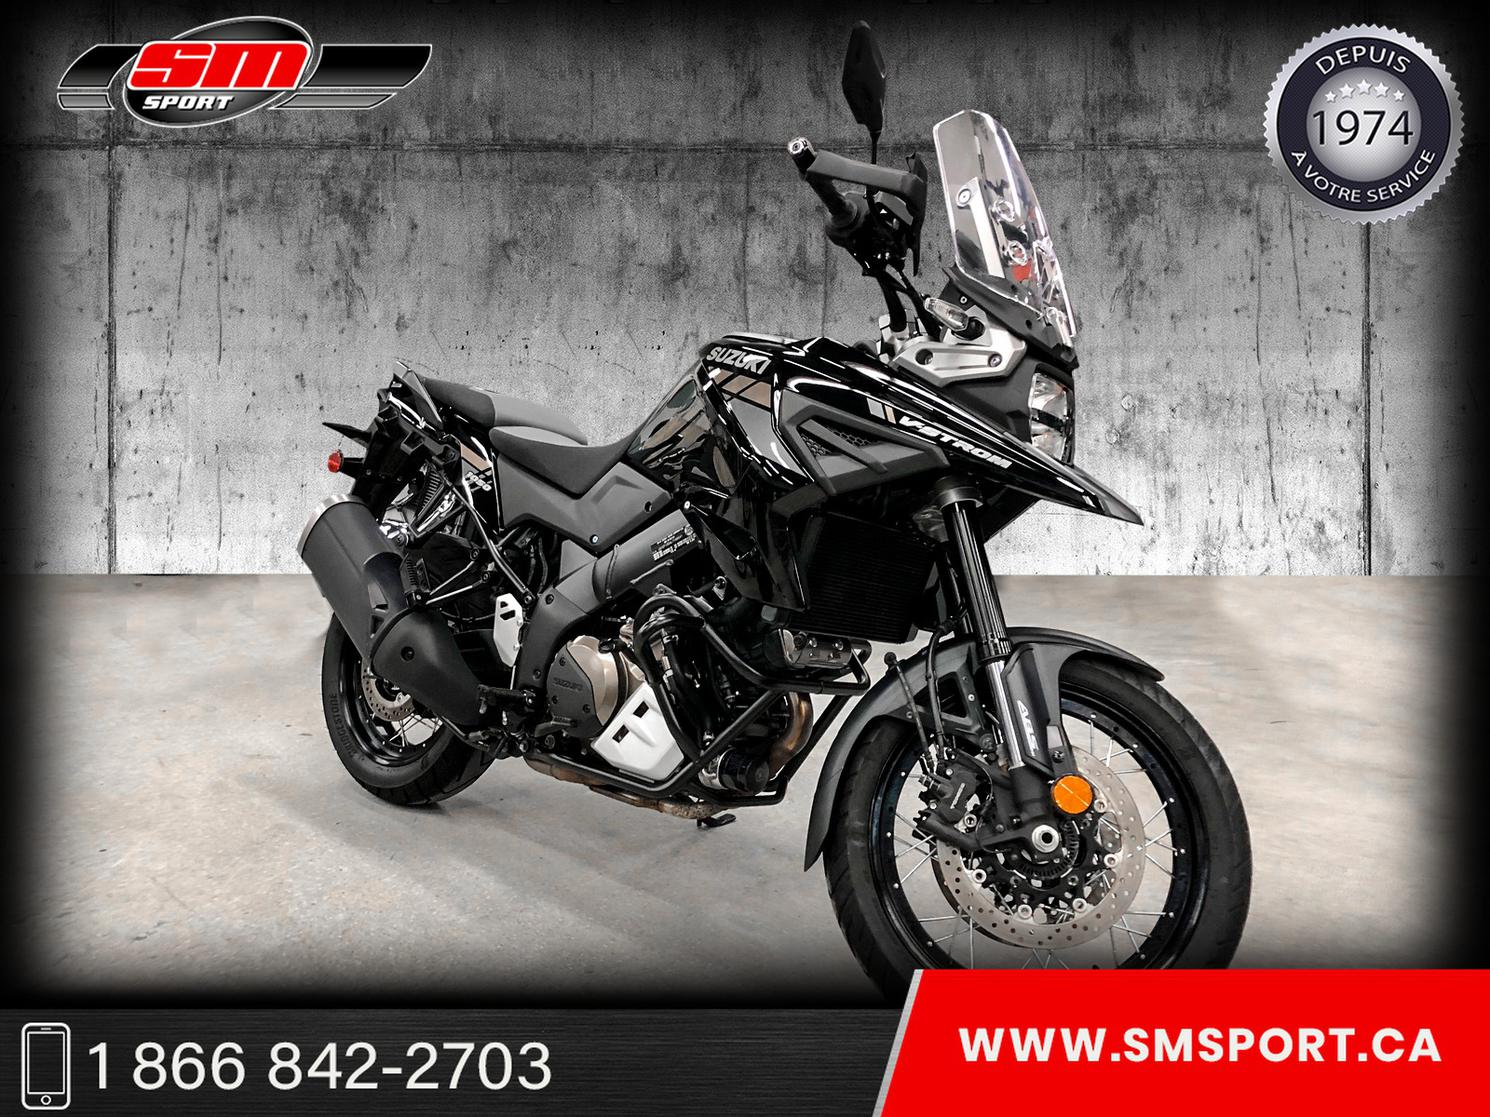 2020 Suzuki V-STROM 1050X ABS DL1050 DEMO